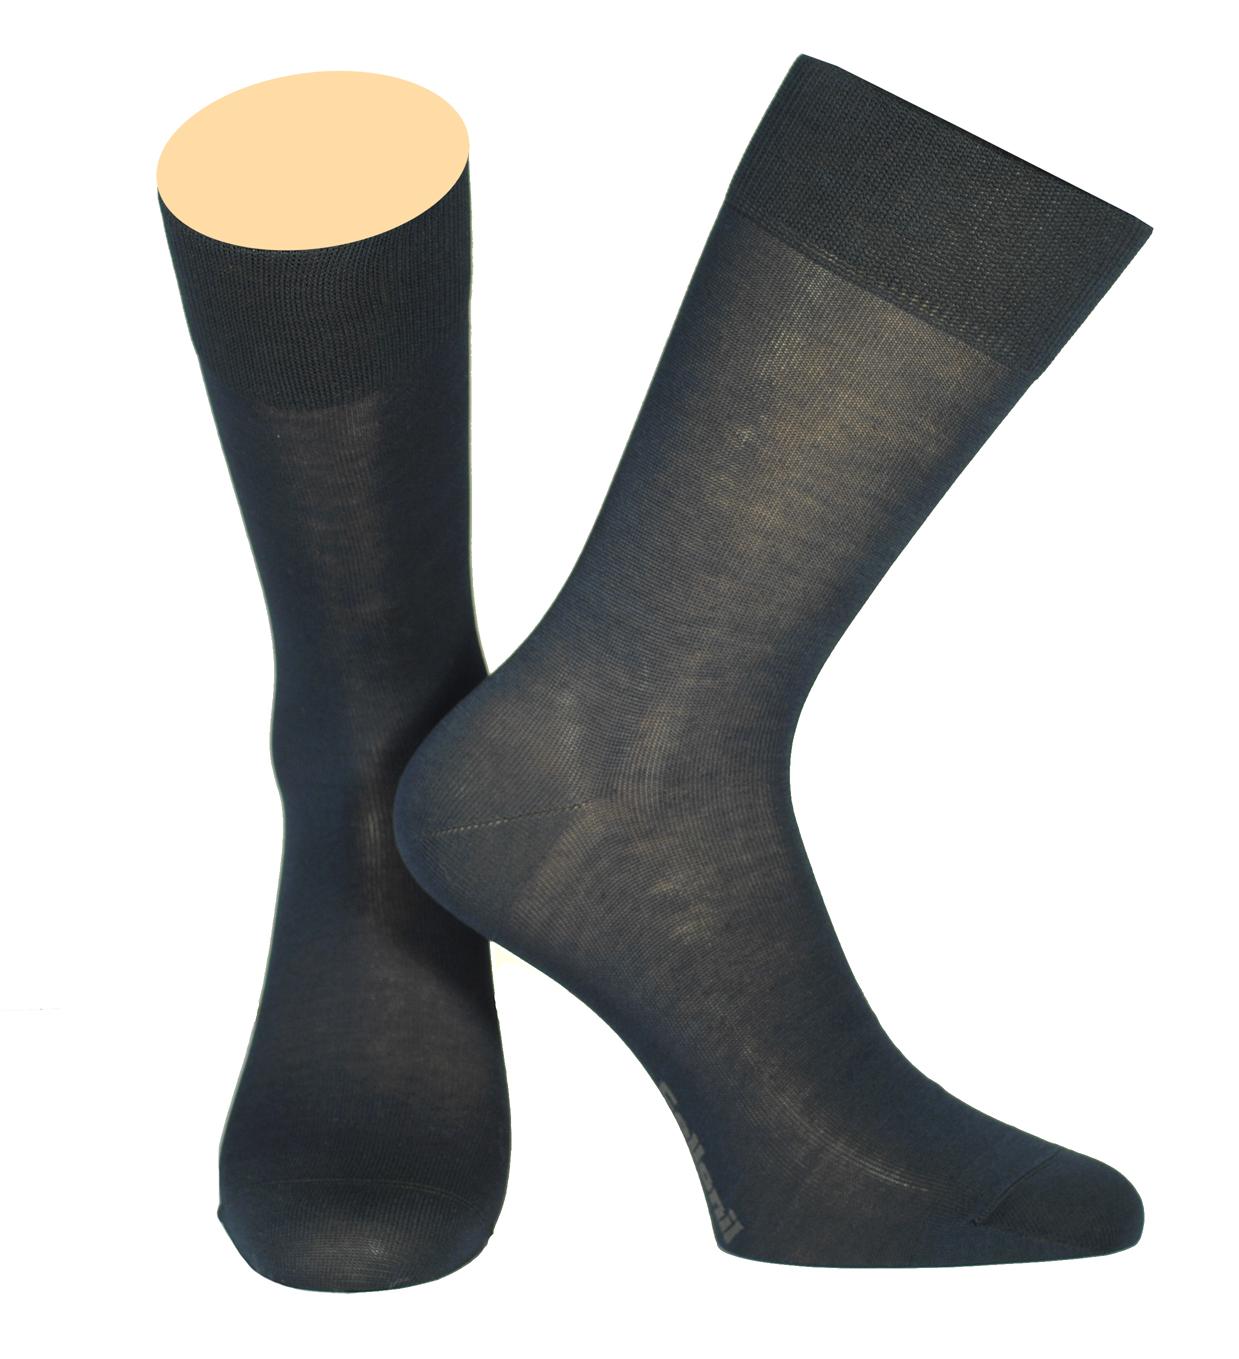 Носки мужские Collonil, цвет: темно-синий. 142/18. Размер 39-41142/18Мужские носки Collonil изготовлены из мерсеризованного хлопка.Носки с удлиненным паголенком. Широкая резинка не сдавливает и комфортно облегает ногу.